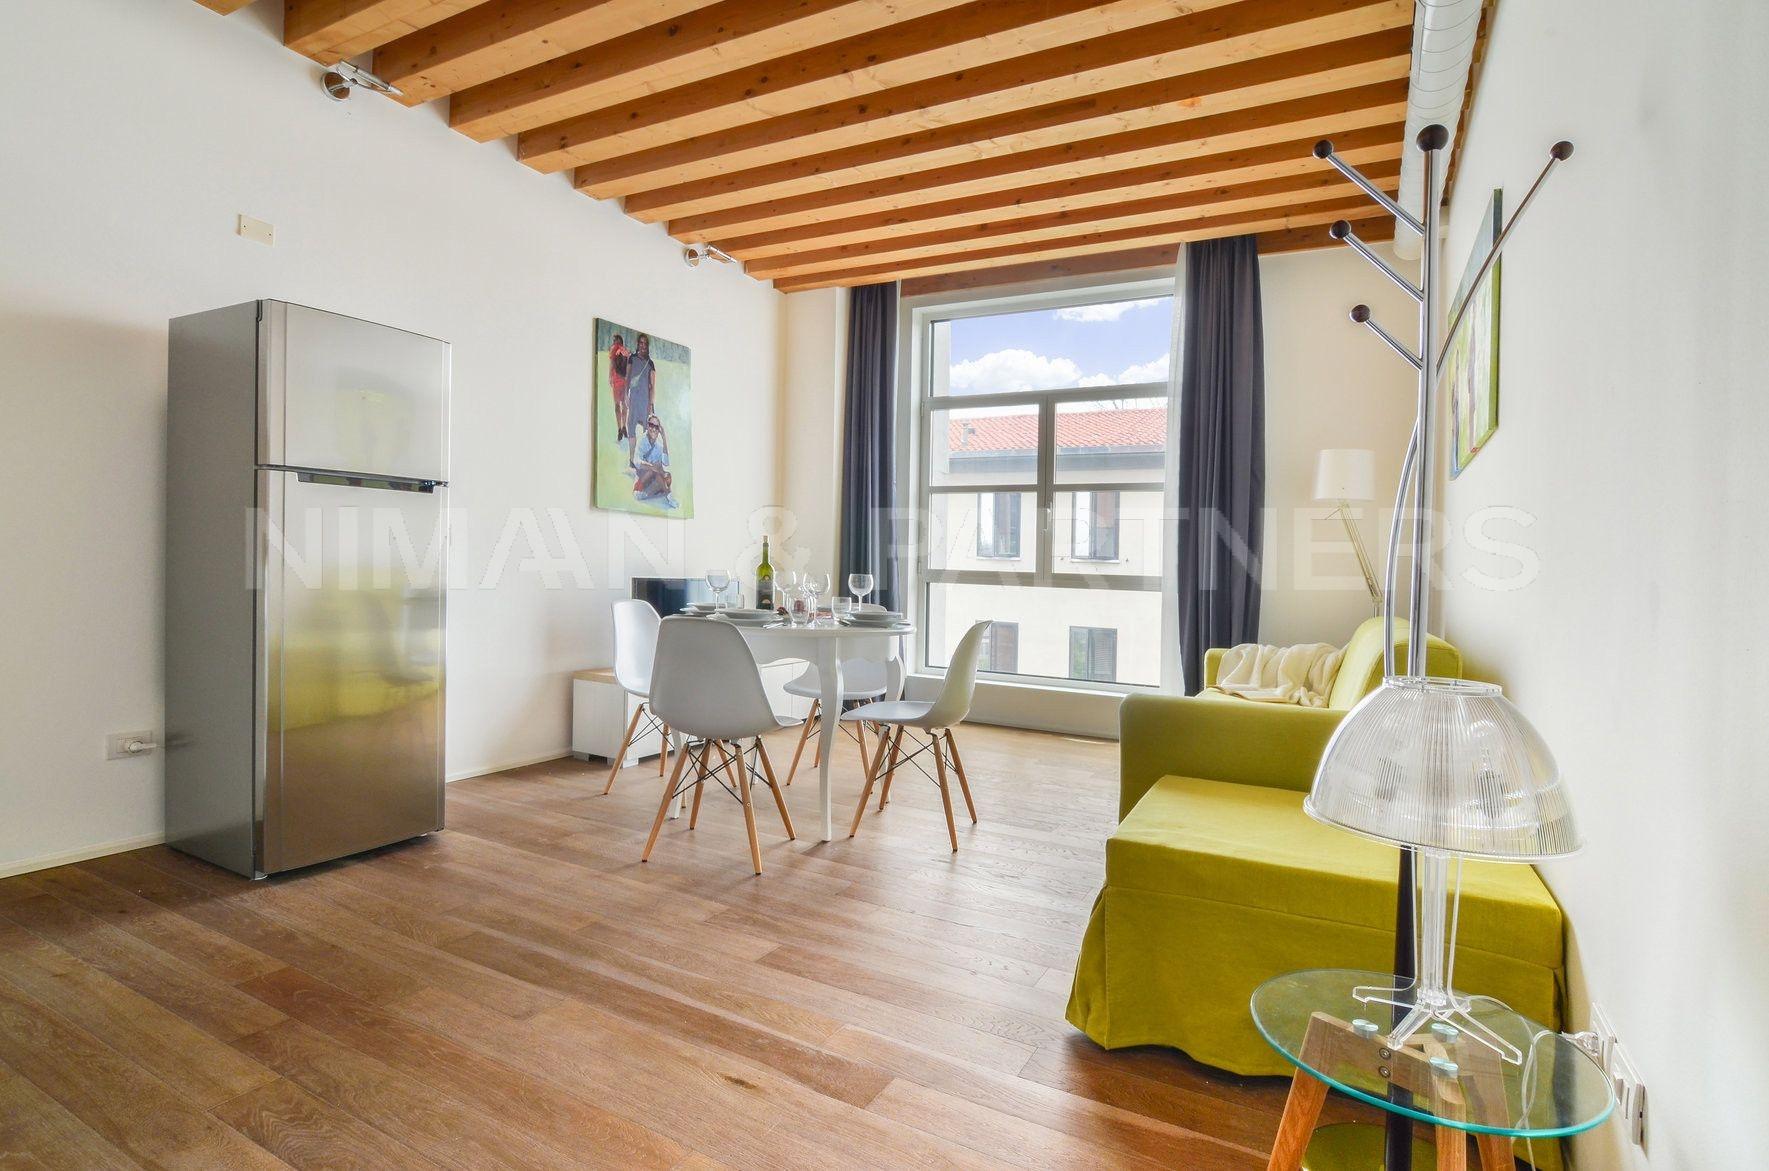 Appartamento in vendita a Venezia, 2 locali, zona Zona: 3 . Cannaregio, prezzo € 320.000 | CambioCasa.it